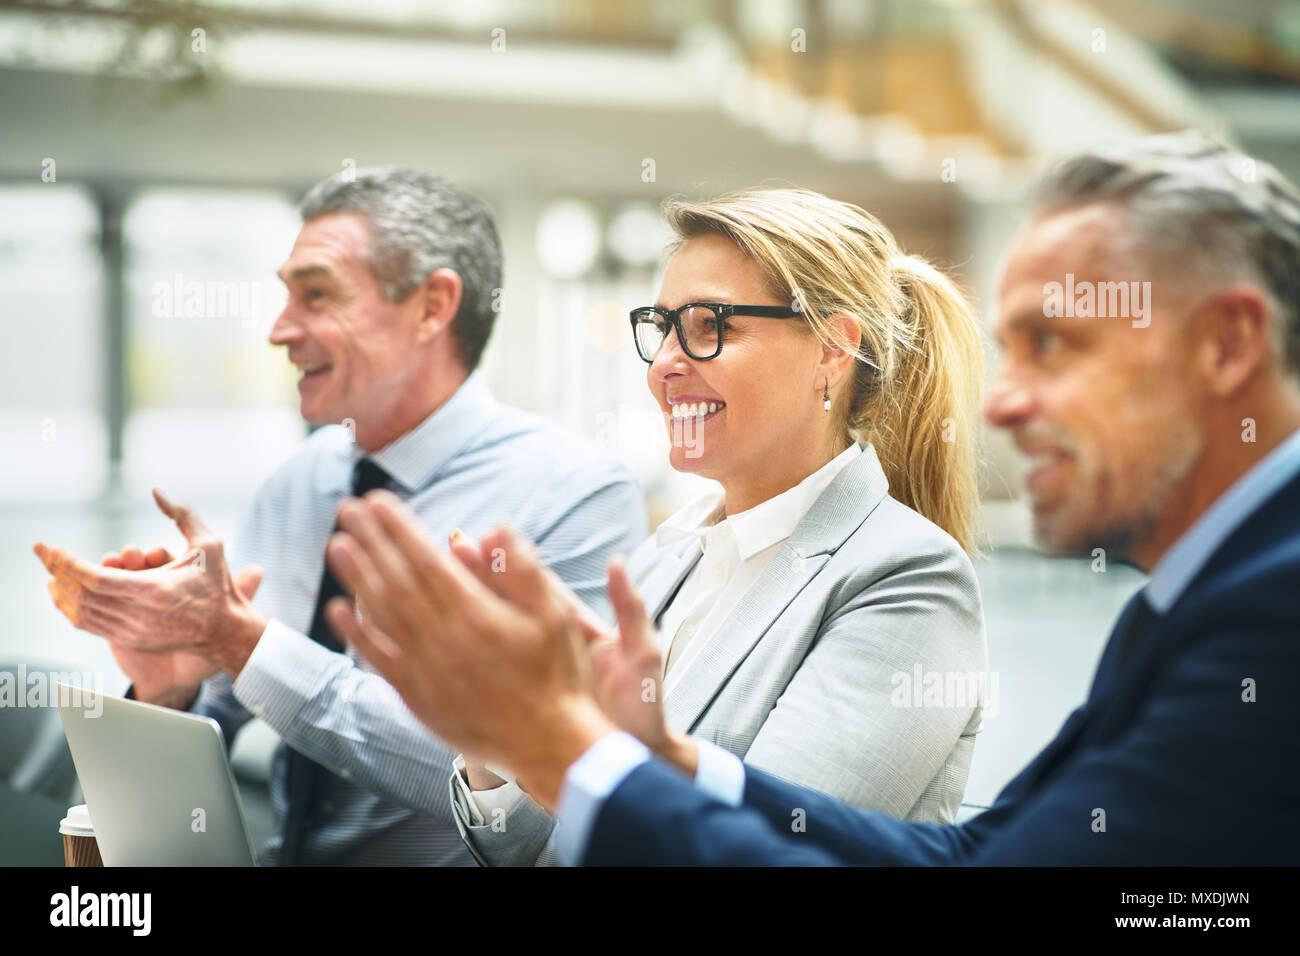 Grupo maduro de empresarios sentados juntos en una mesa en una moderna oficina sonriendo y aplaudiendo después de una presentación Foto de stock